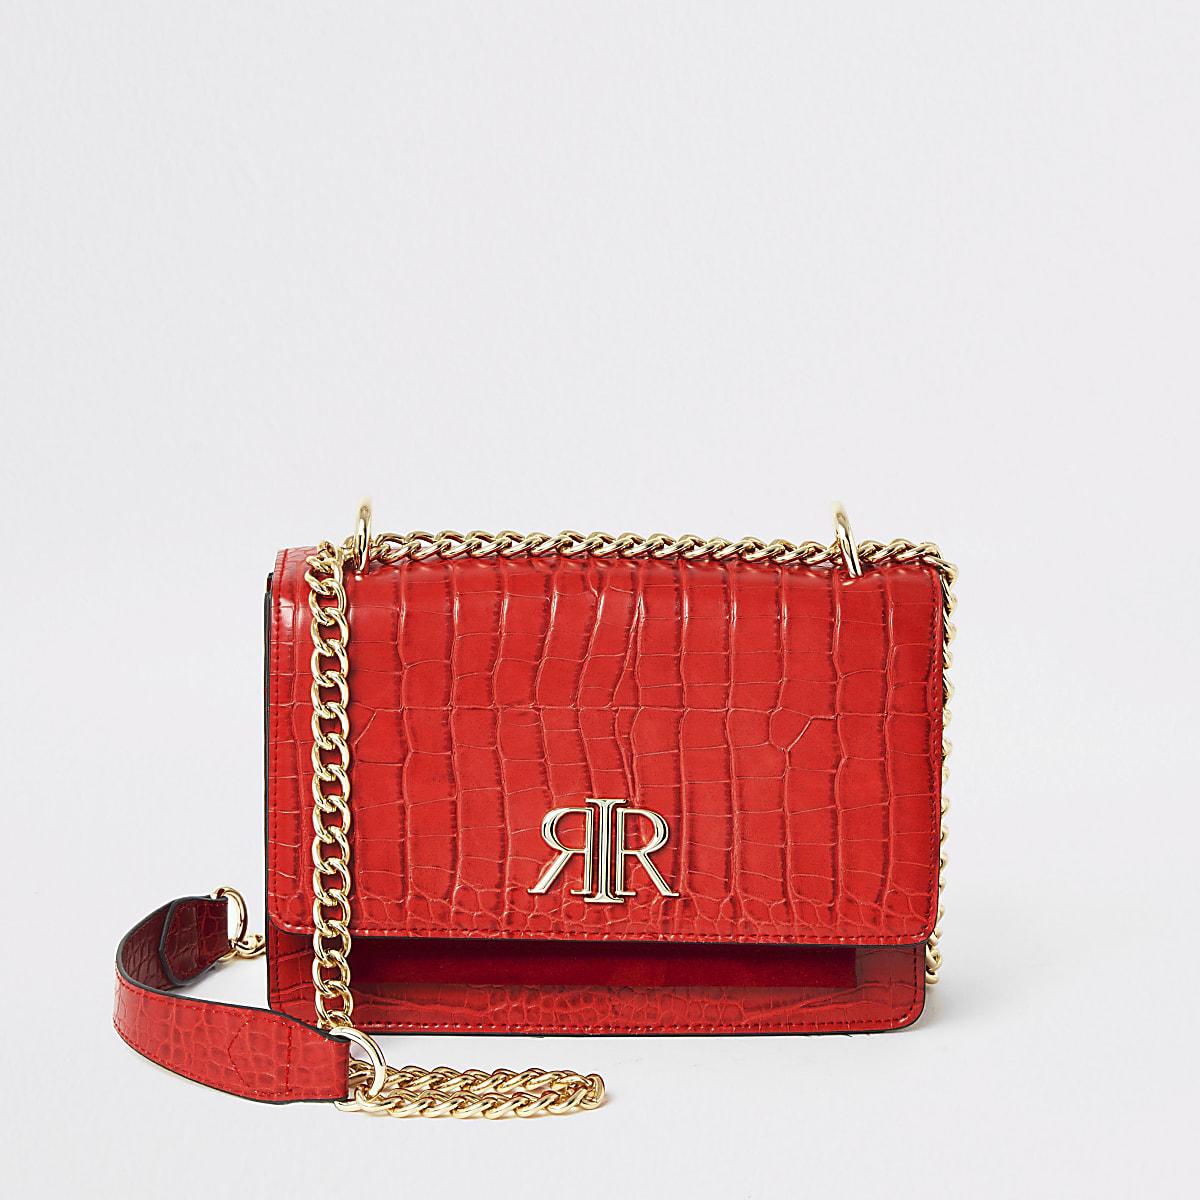 Red RI croc embossed underarm satchel bag